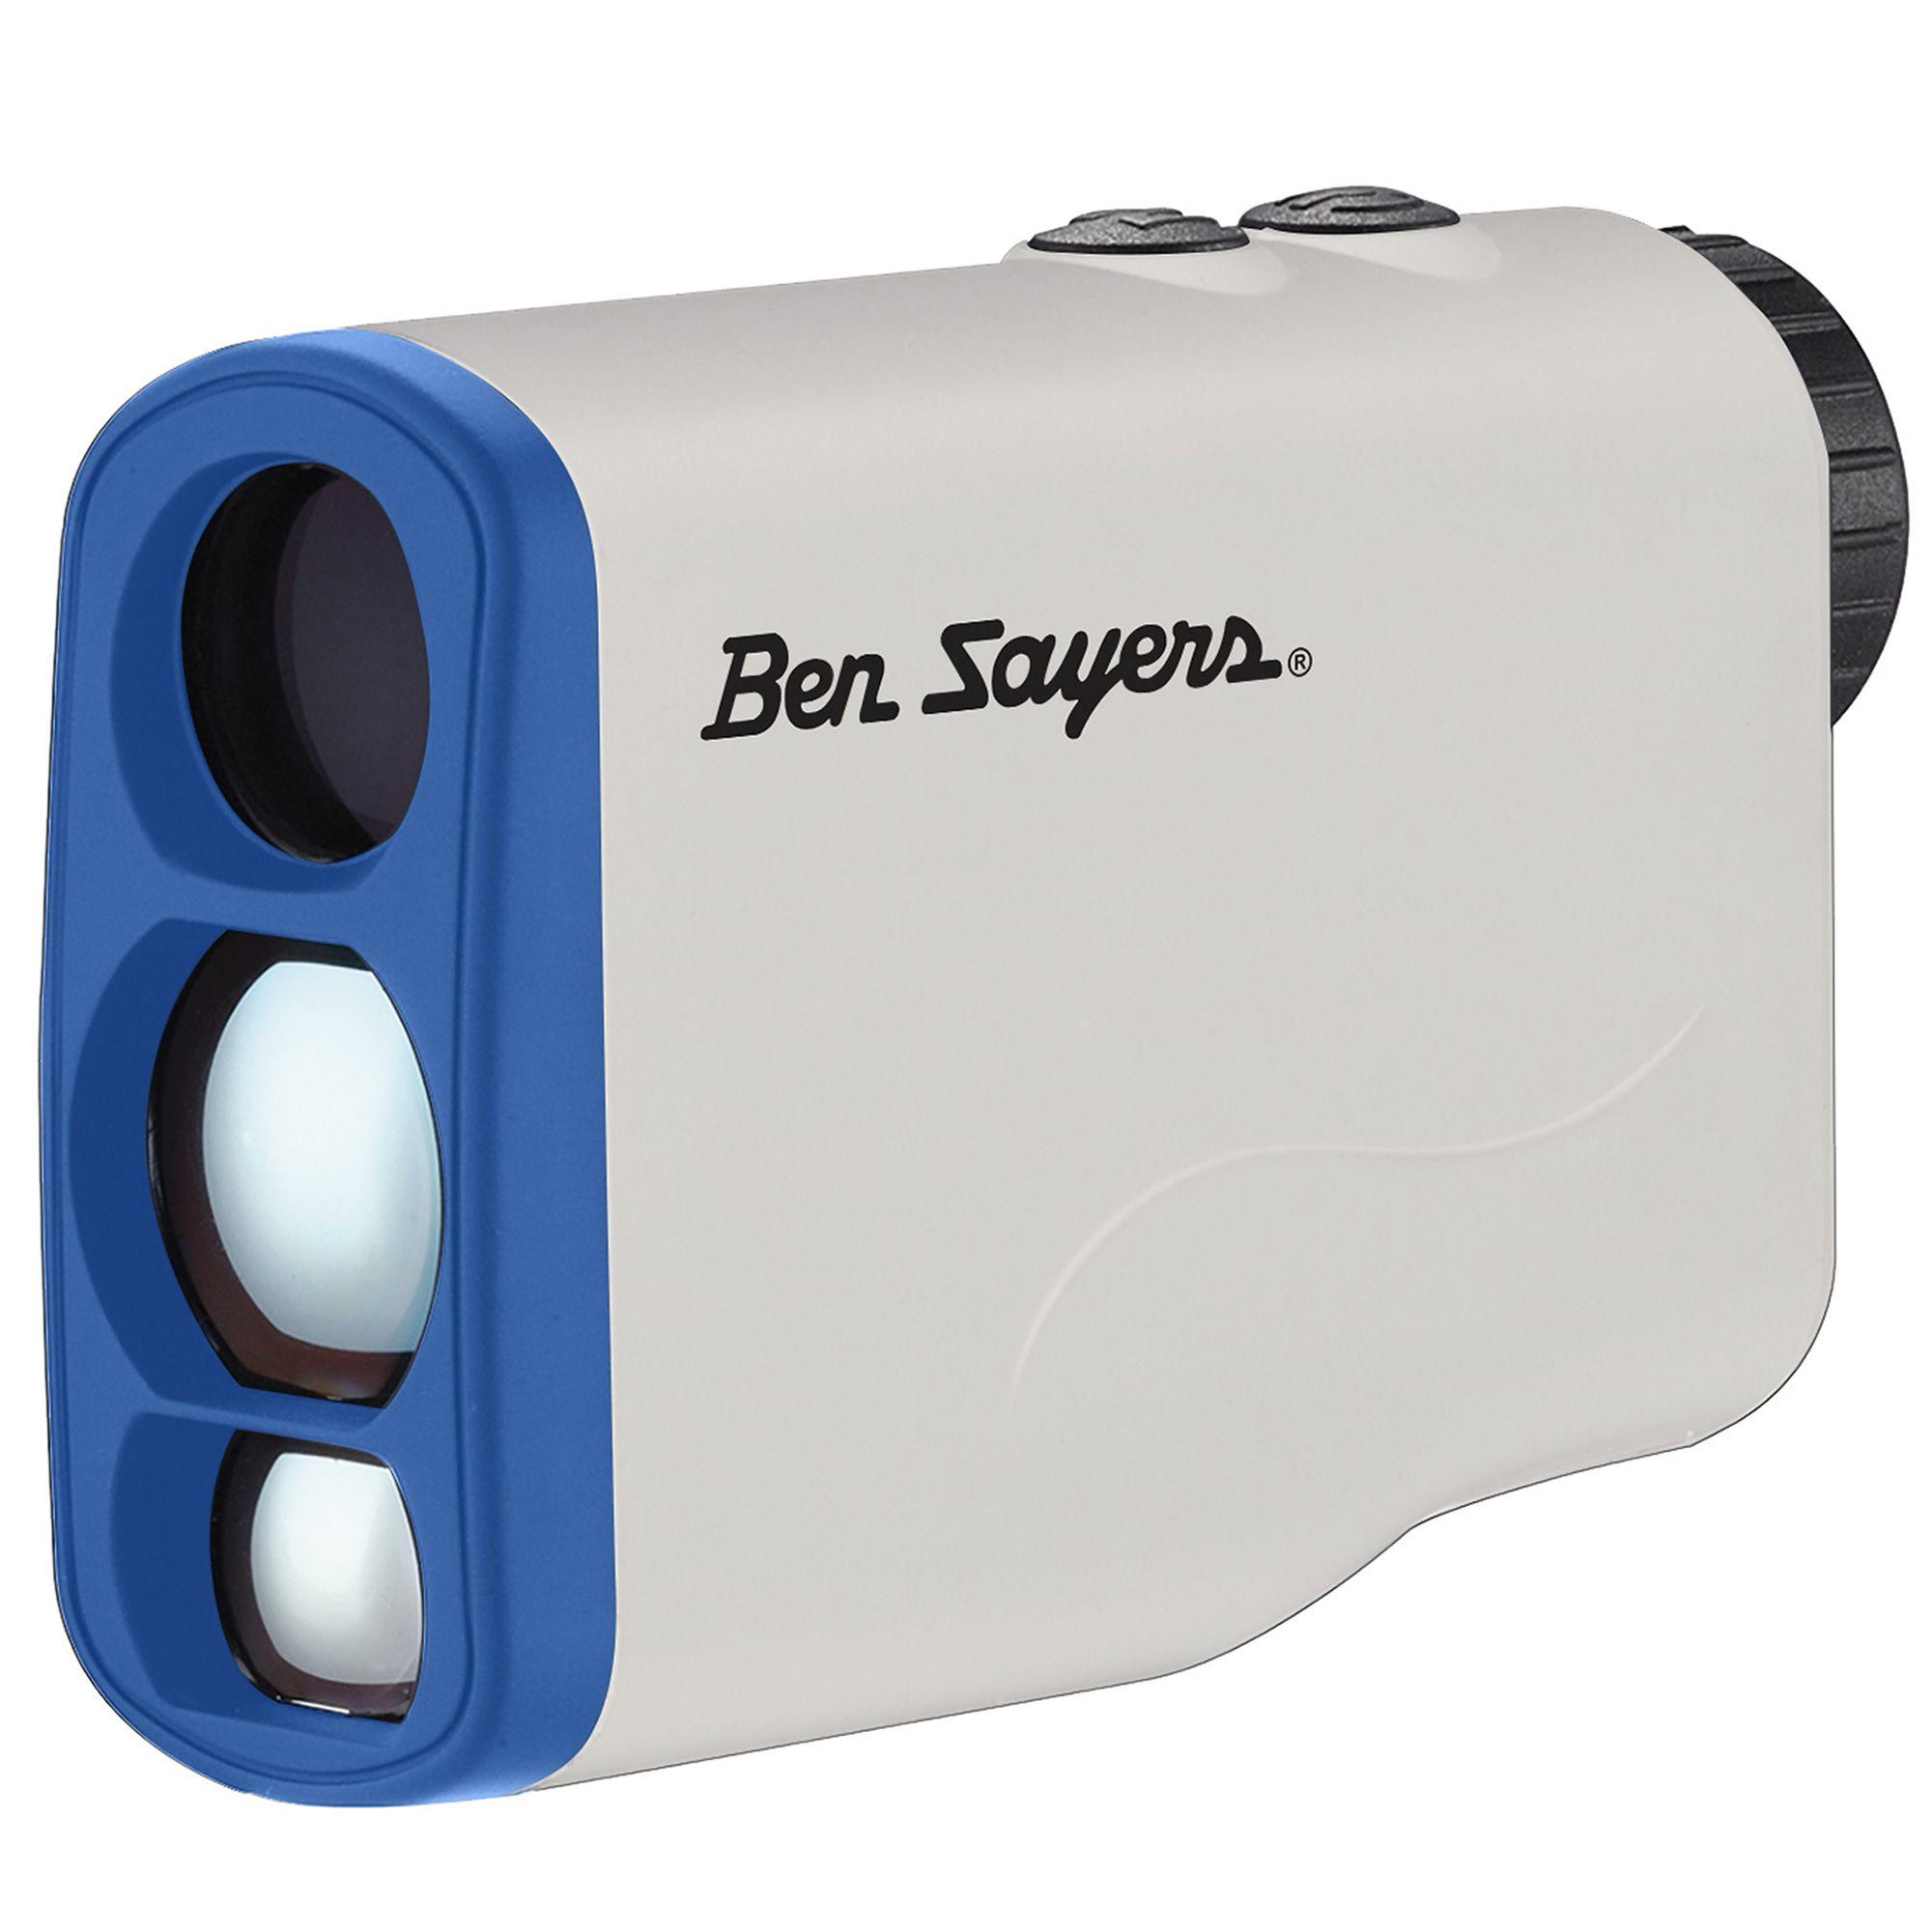 Ben Sayers LX600 Golf Laser Rangefinder